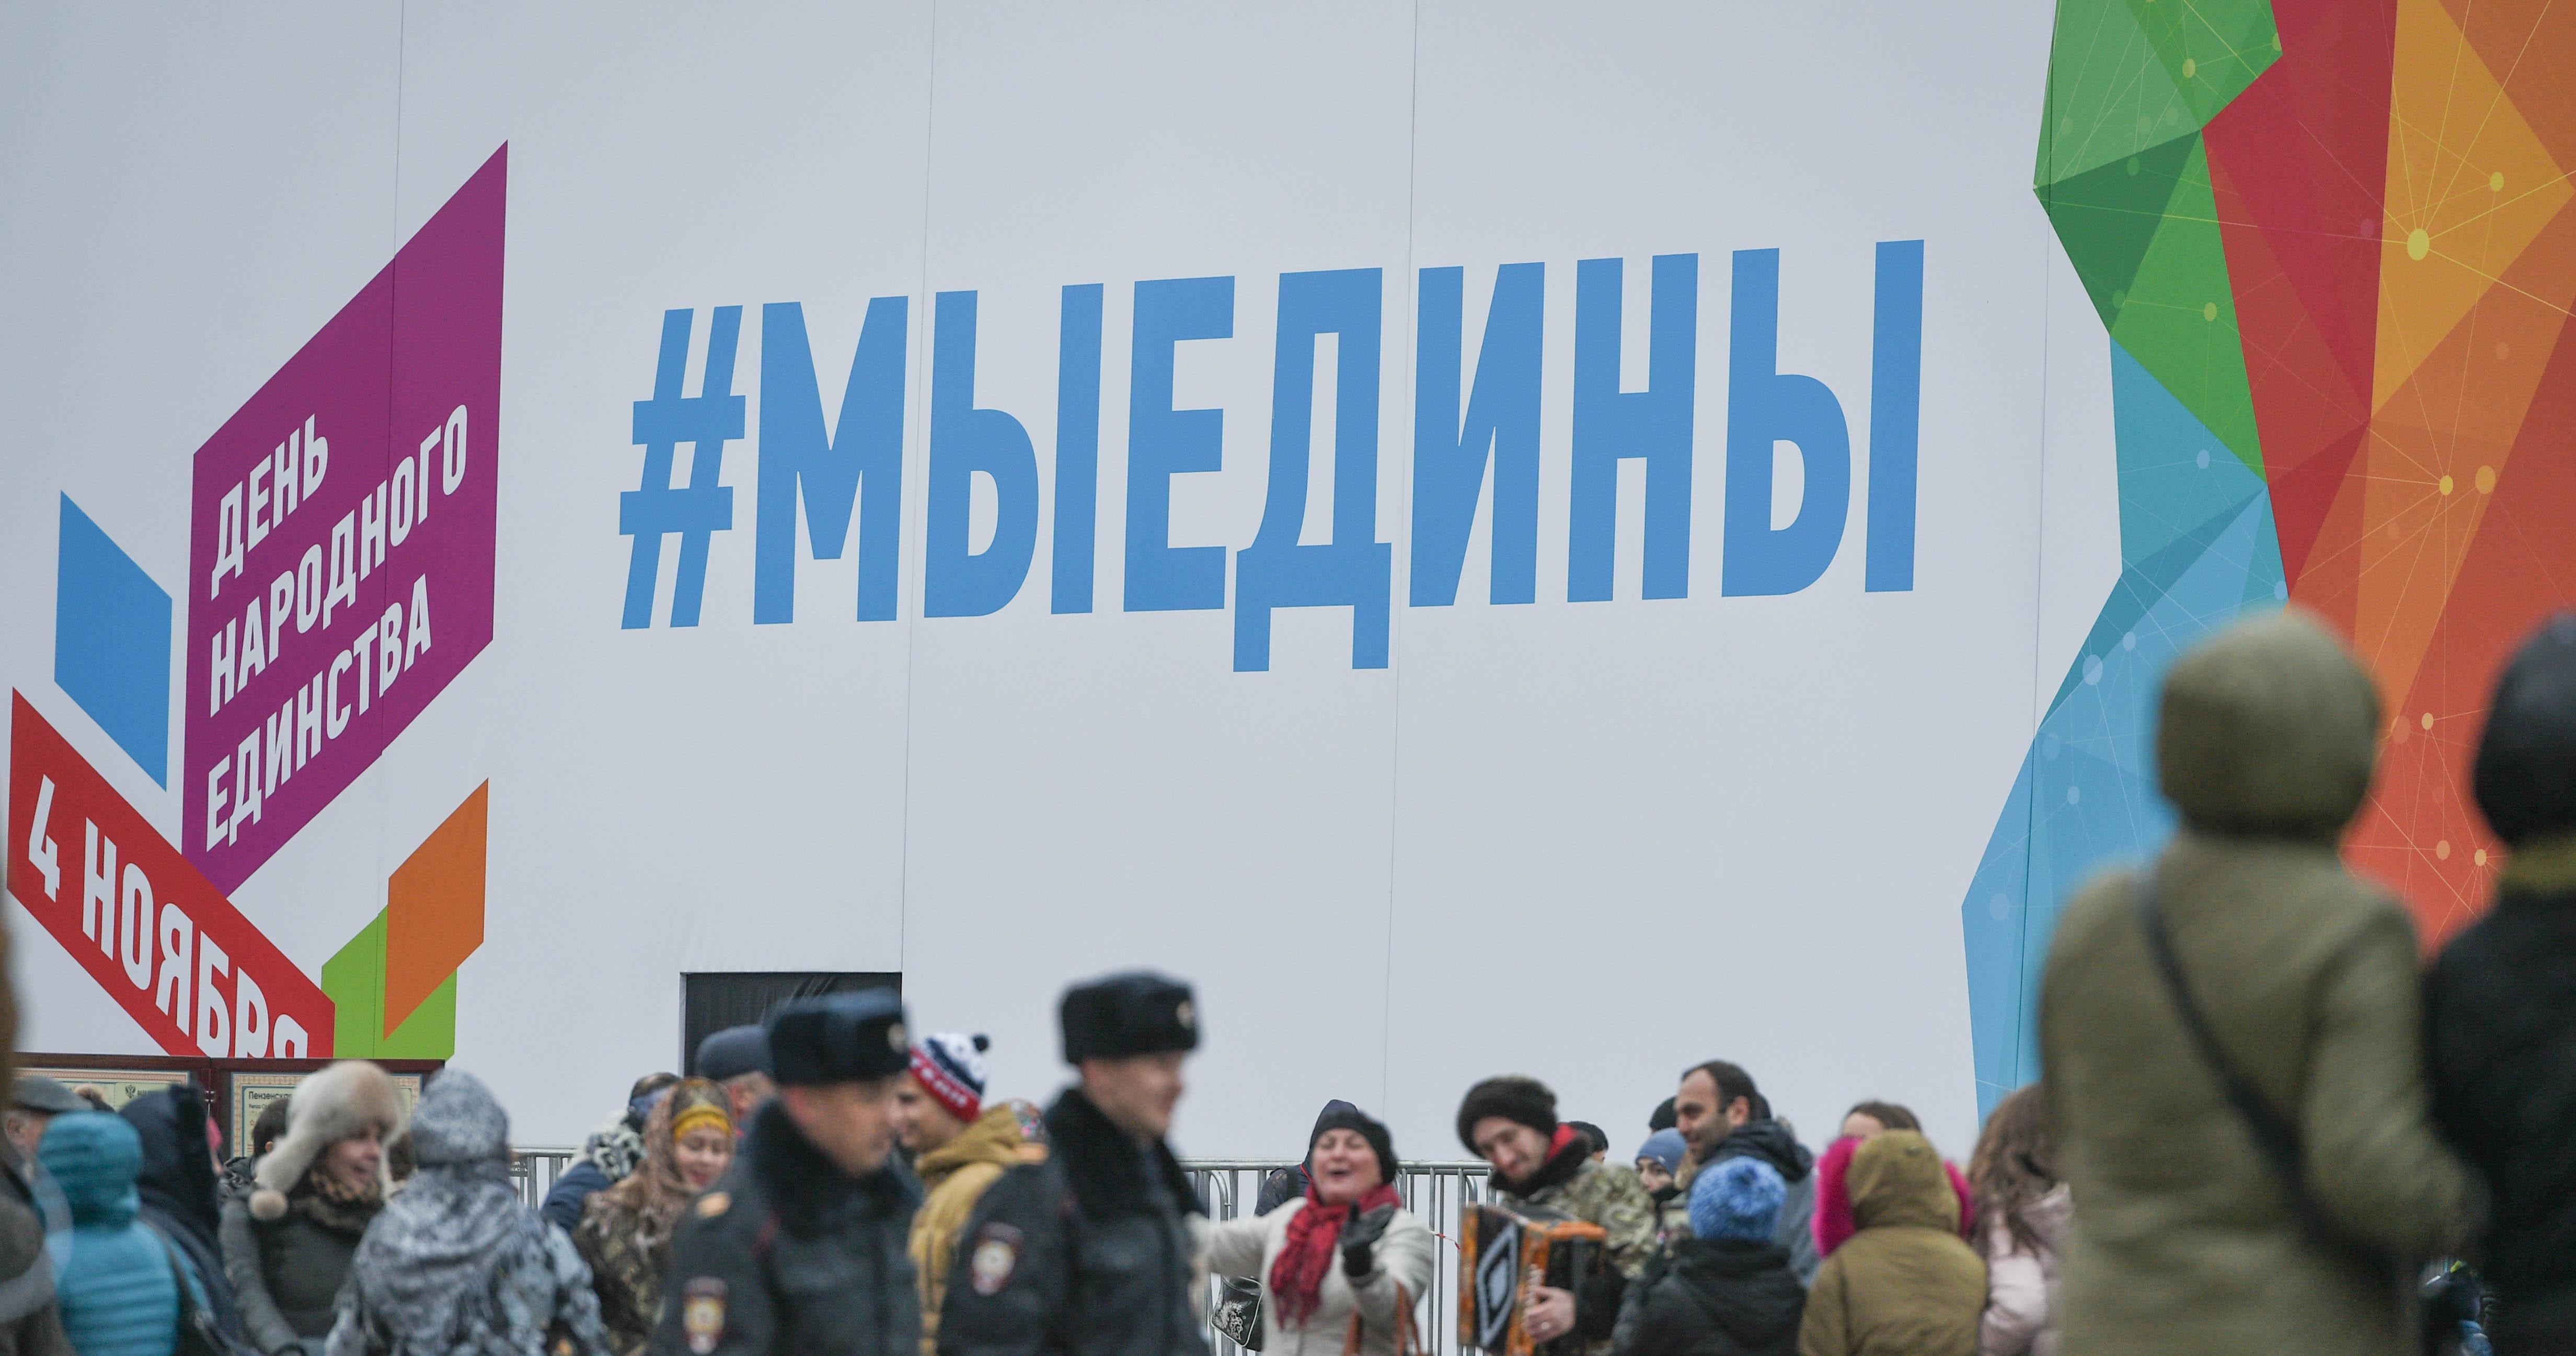 Празднование Дня народного единства в центре Москвы